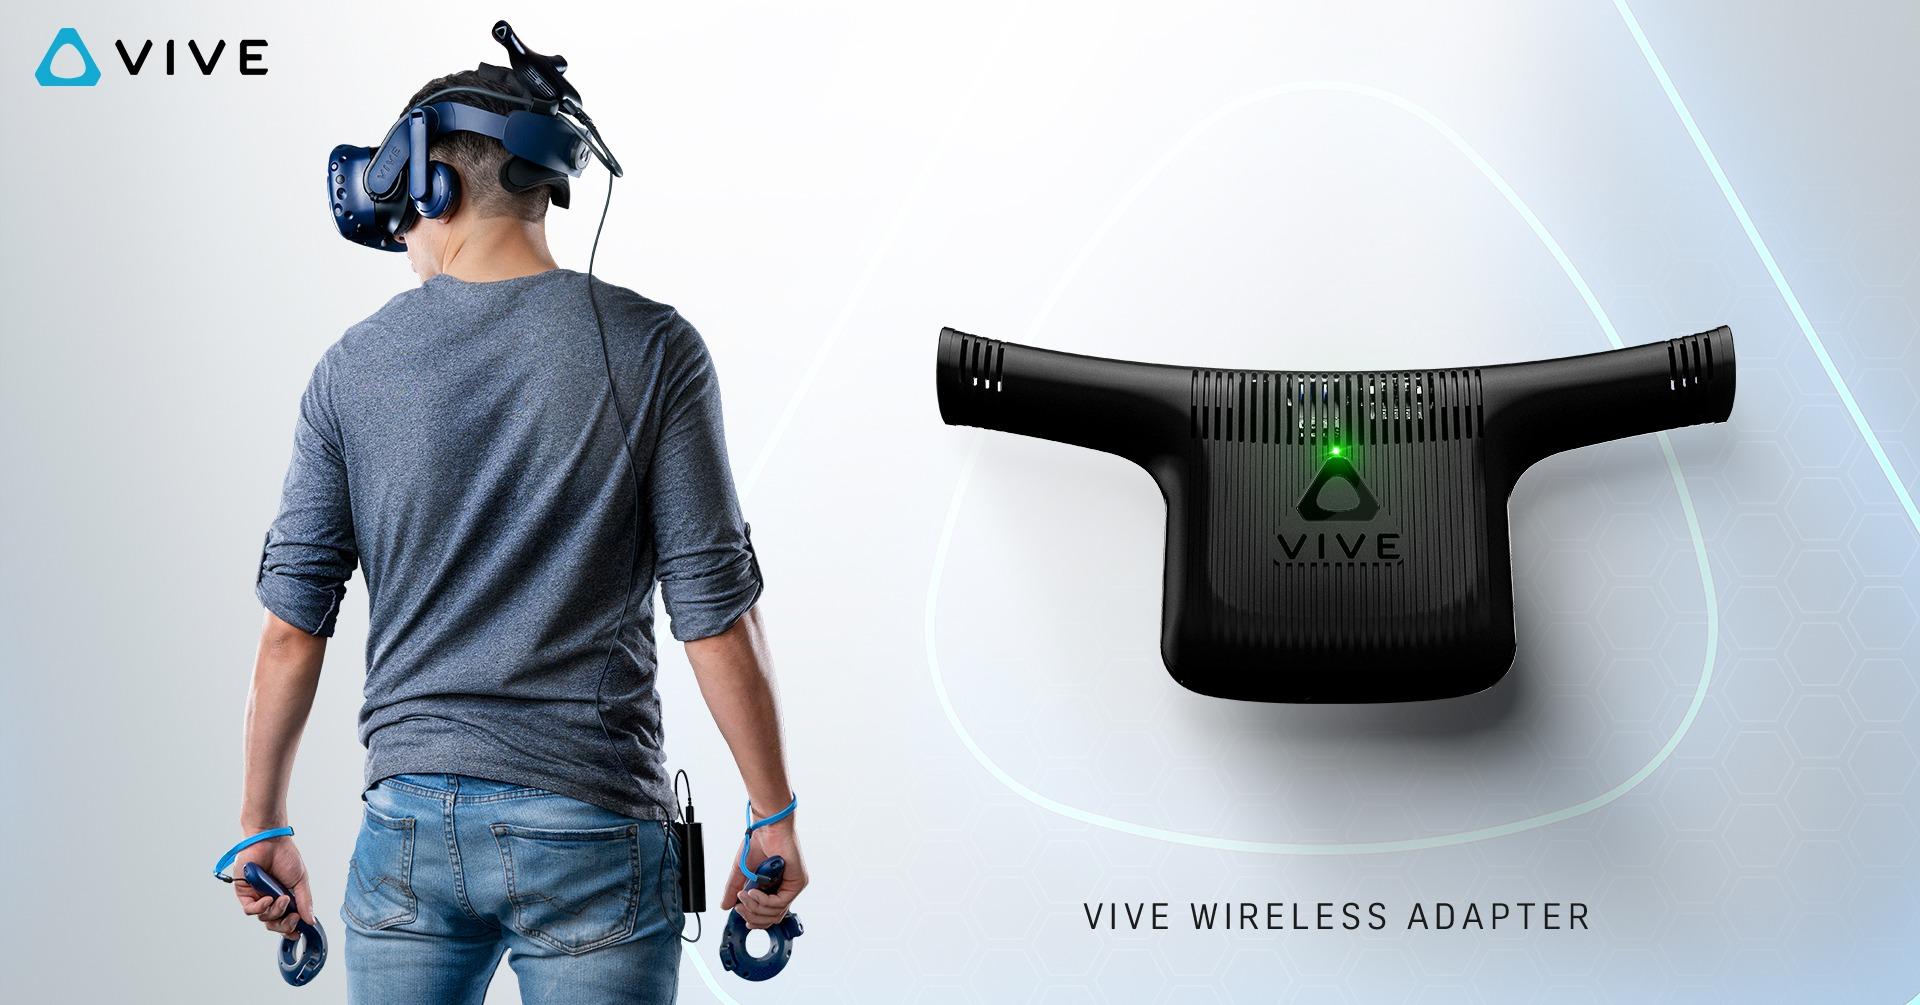 Előrendelhető a VIVE Vezeték nélküli adaptere